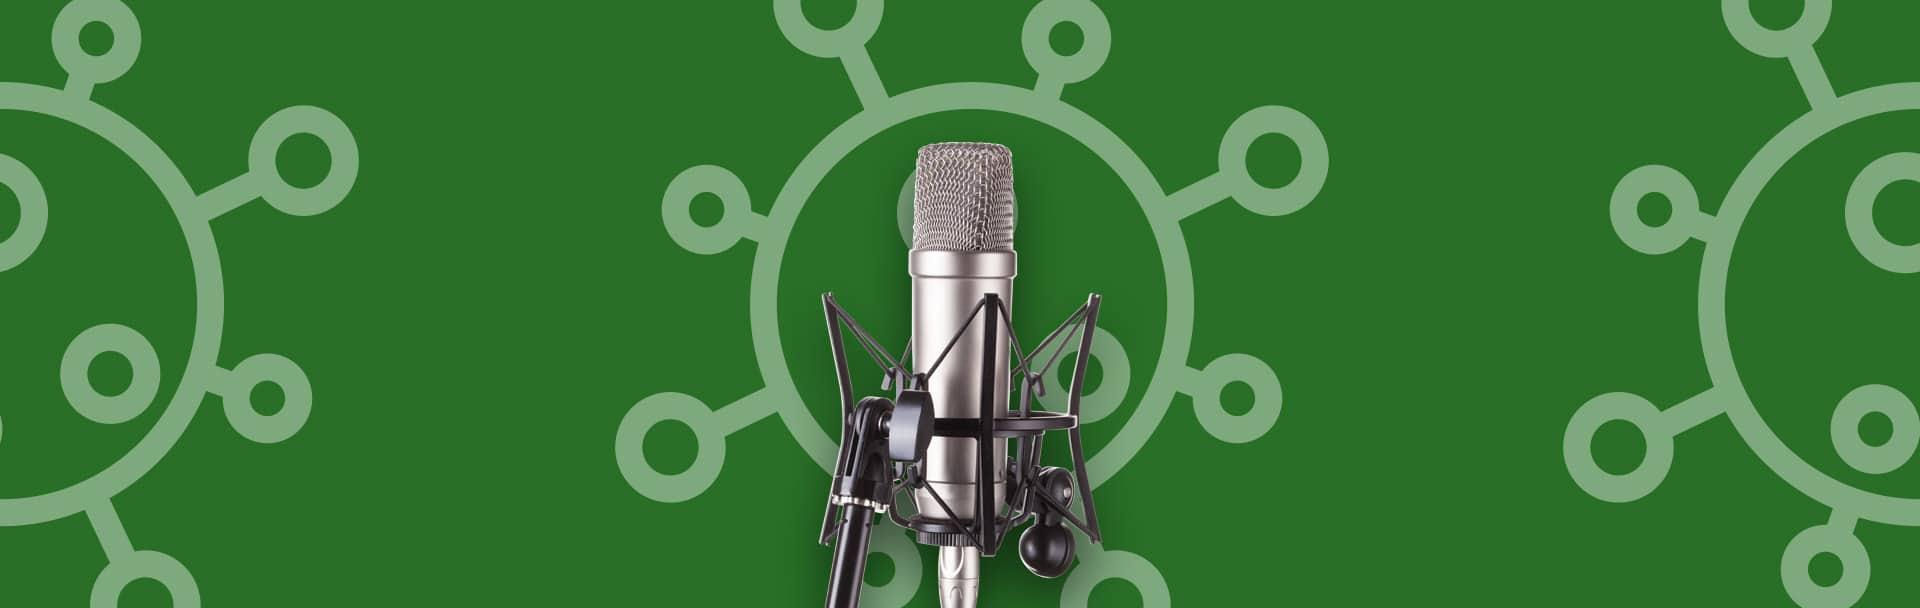 Podcast: sturen met data in tijden van covid-19 - Hot ITem